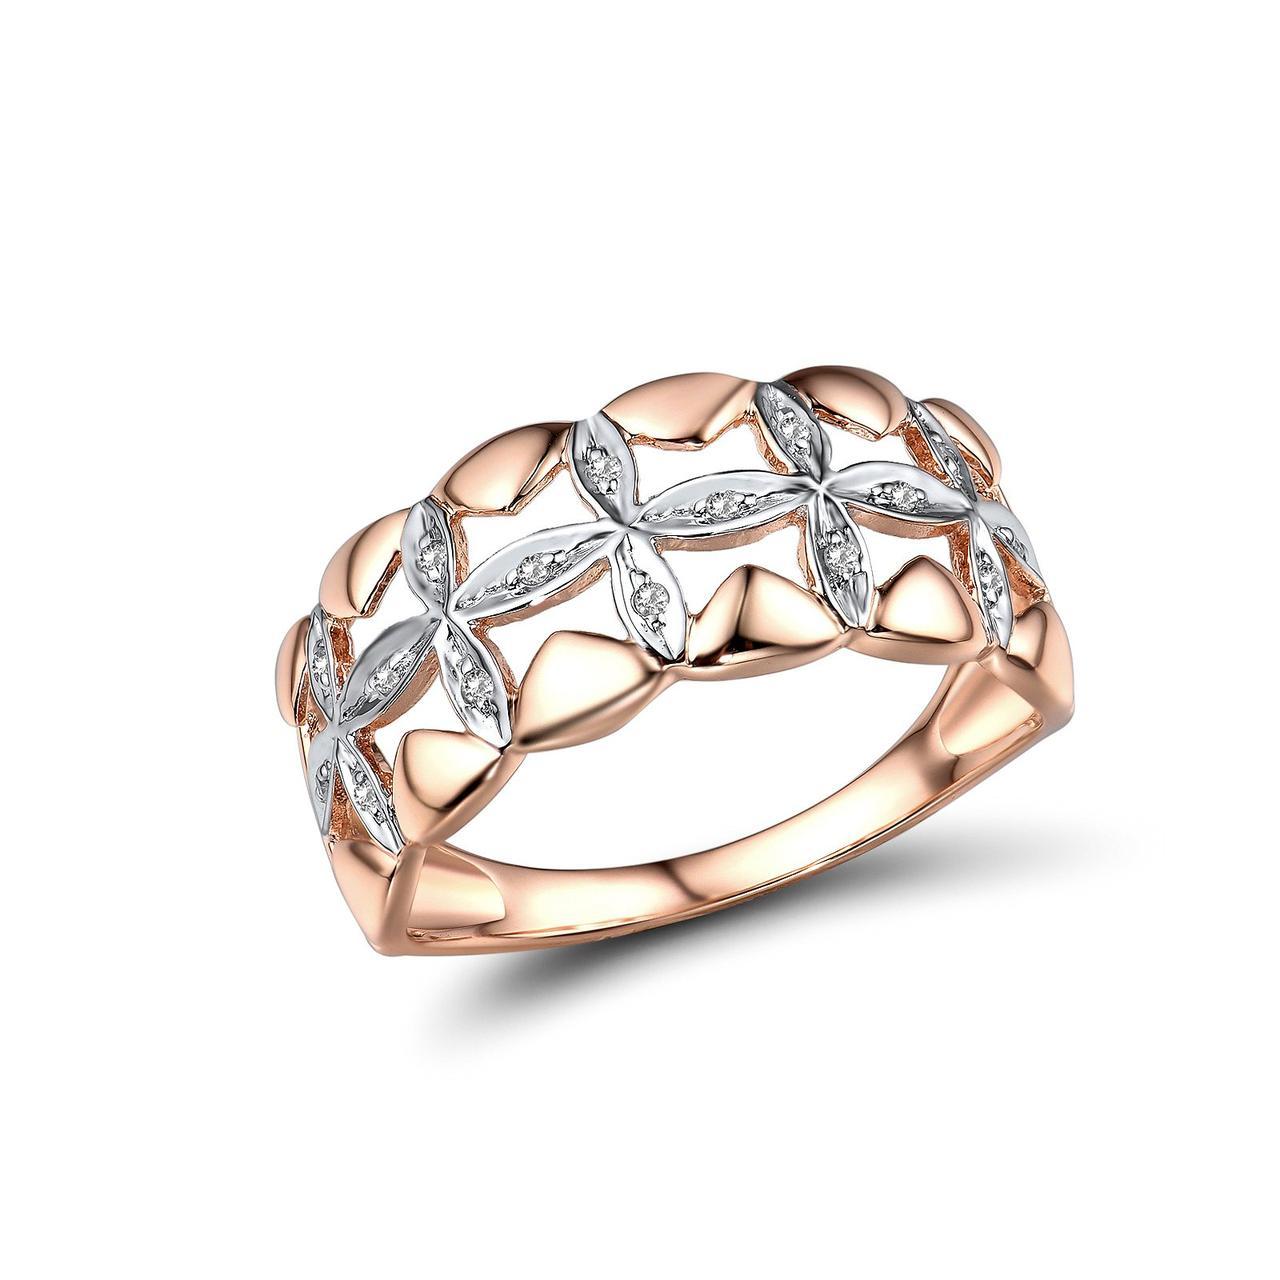 Золотое кольцо с бриллиантами, размер 17 (1719056)